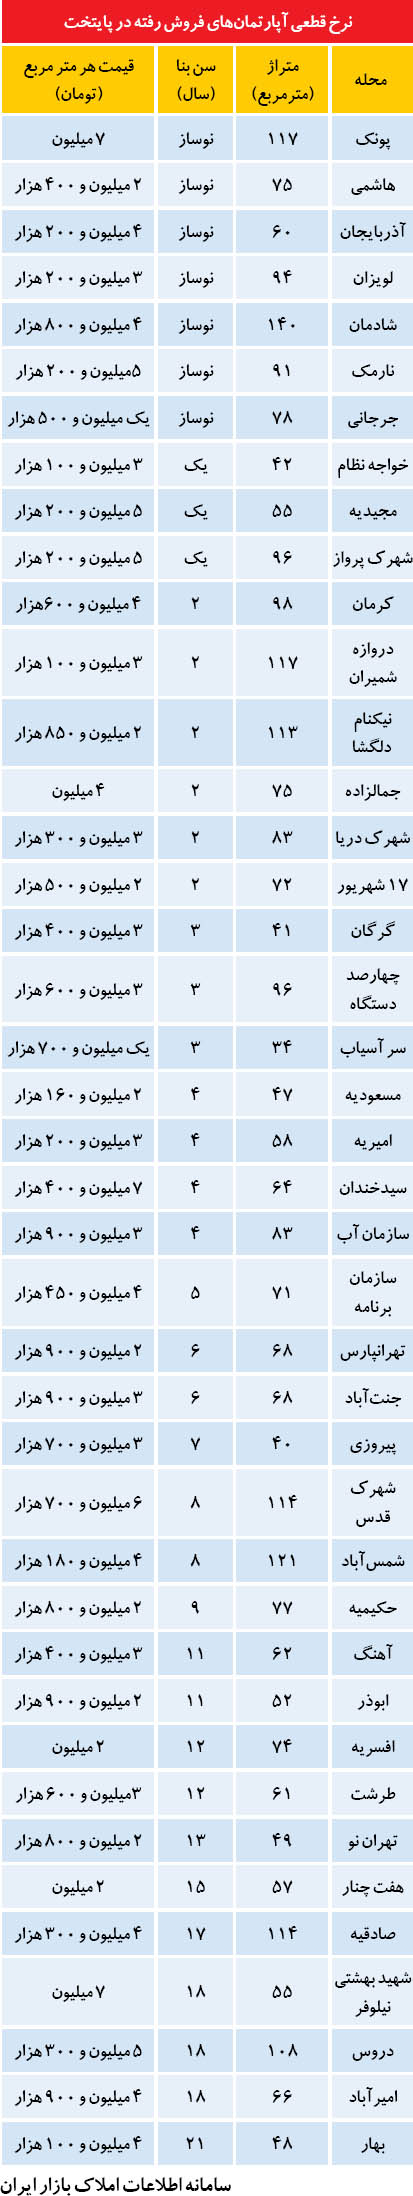 قیمت مسکن در محلههای محبوب تهرانیها (+جدول)